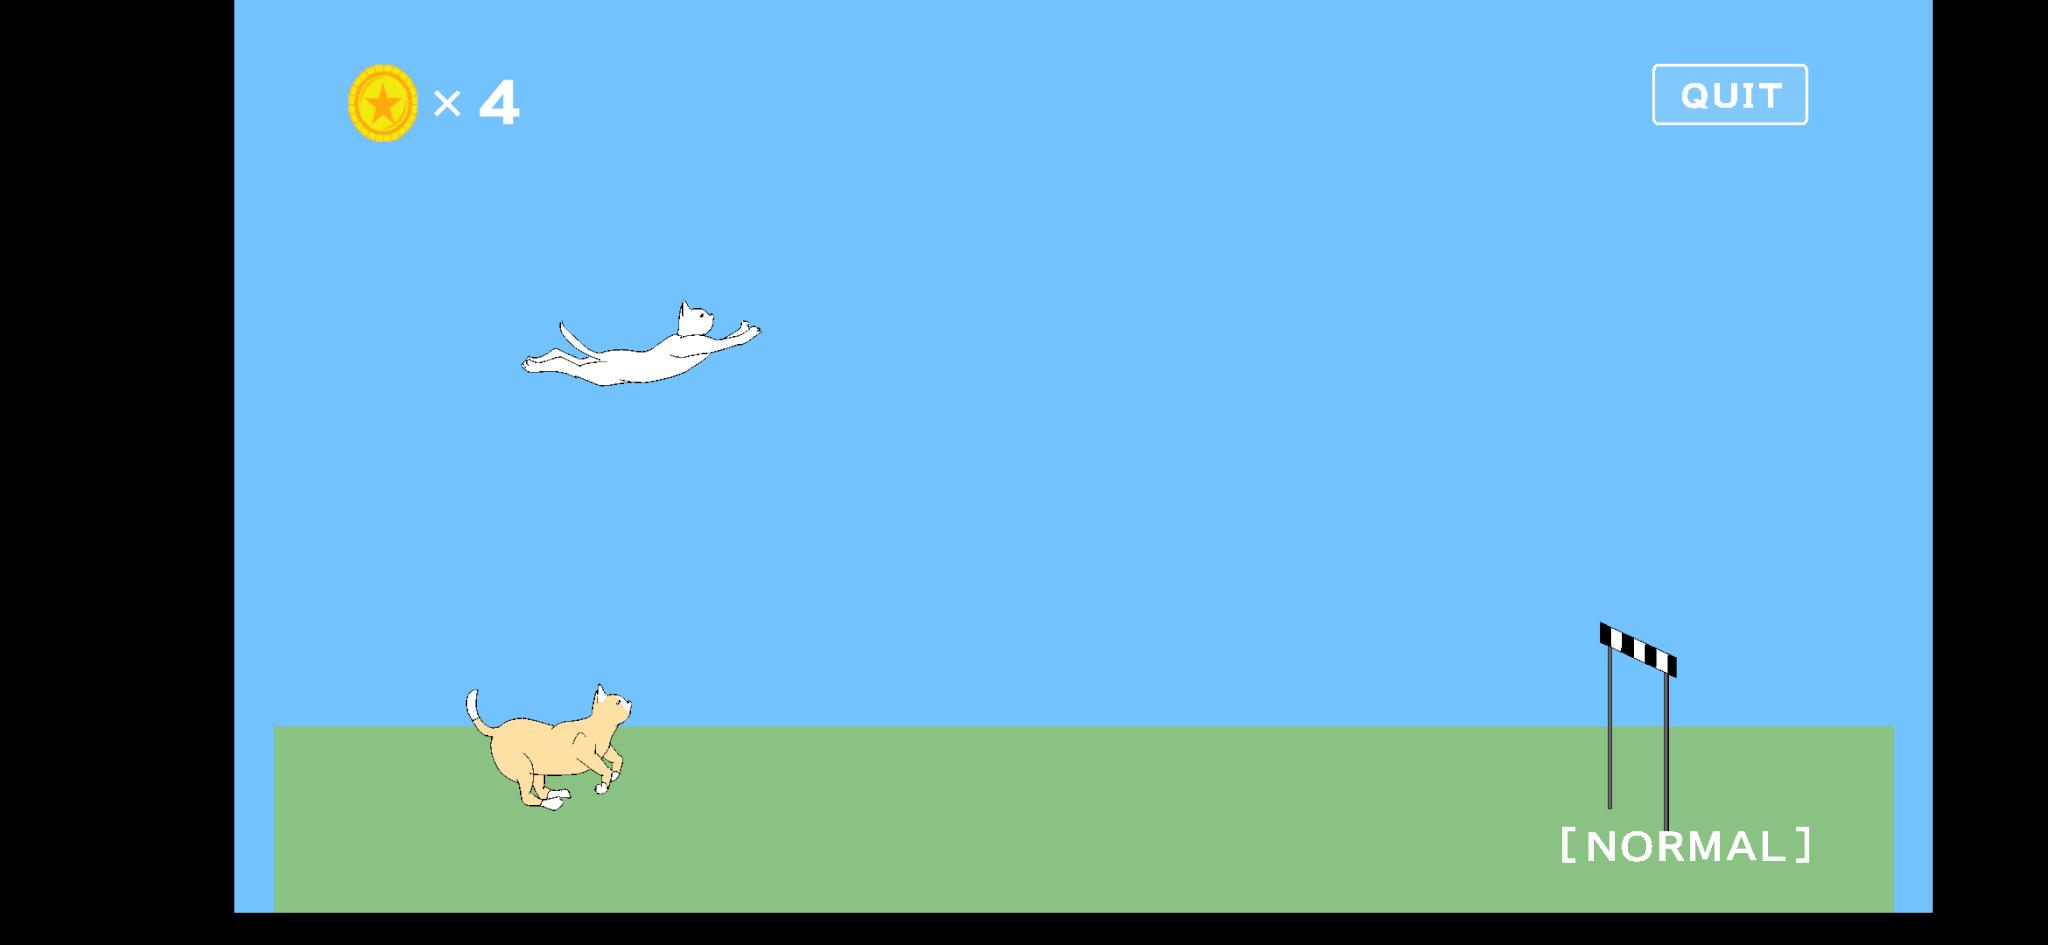 ニャードル ジャンプする猫